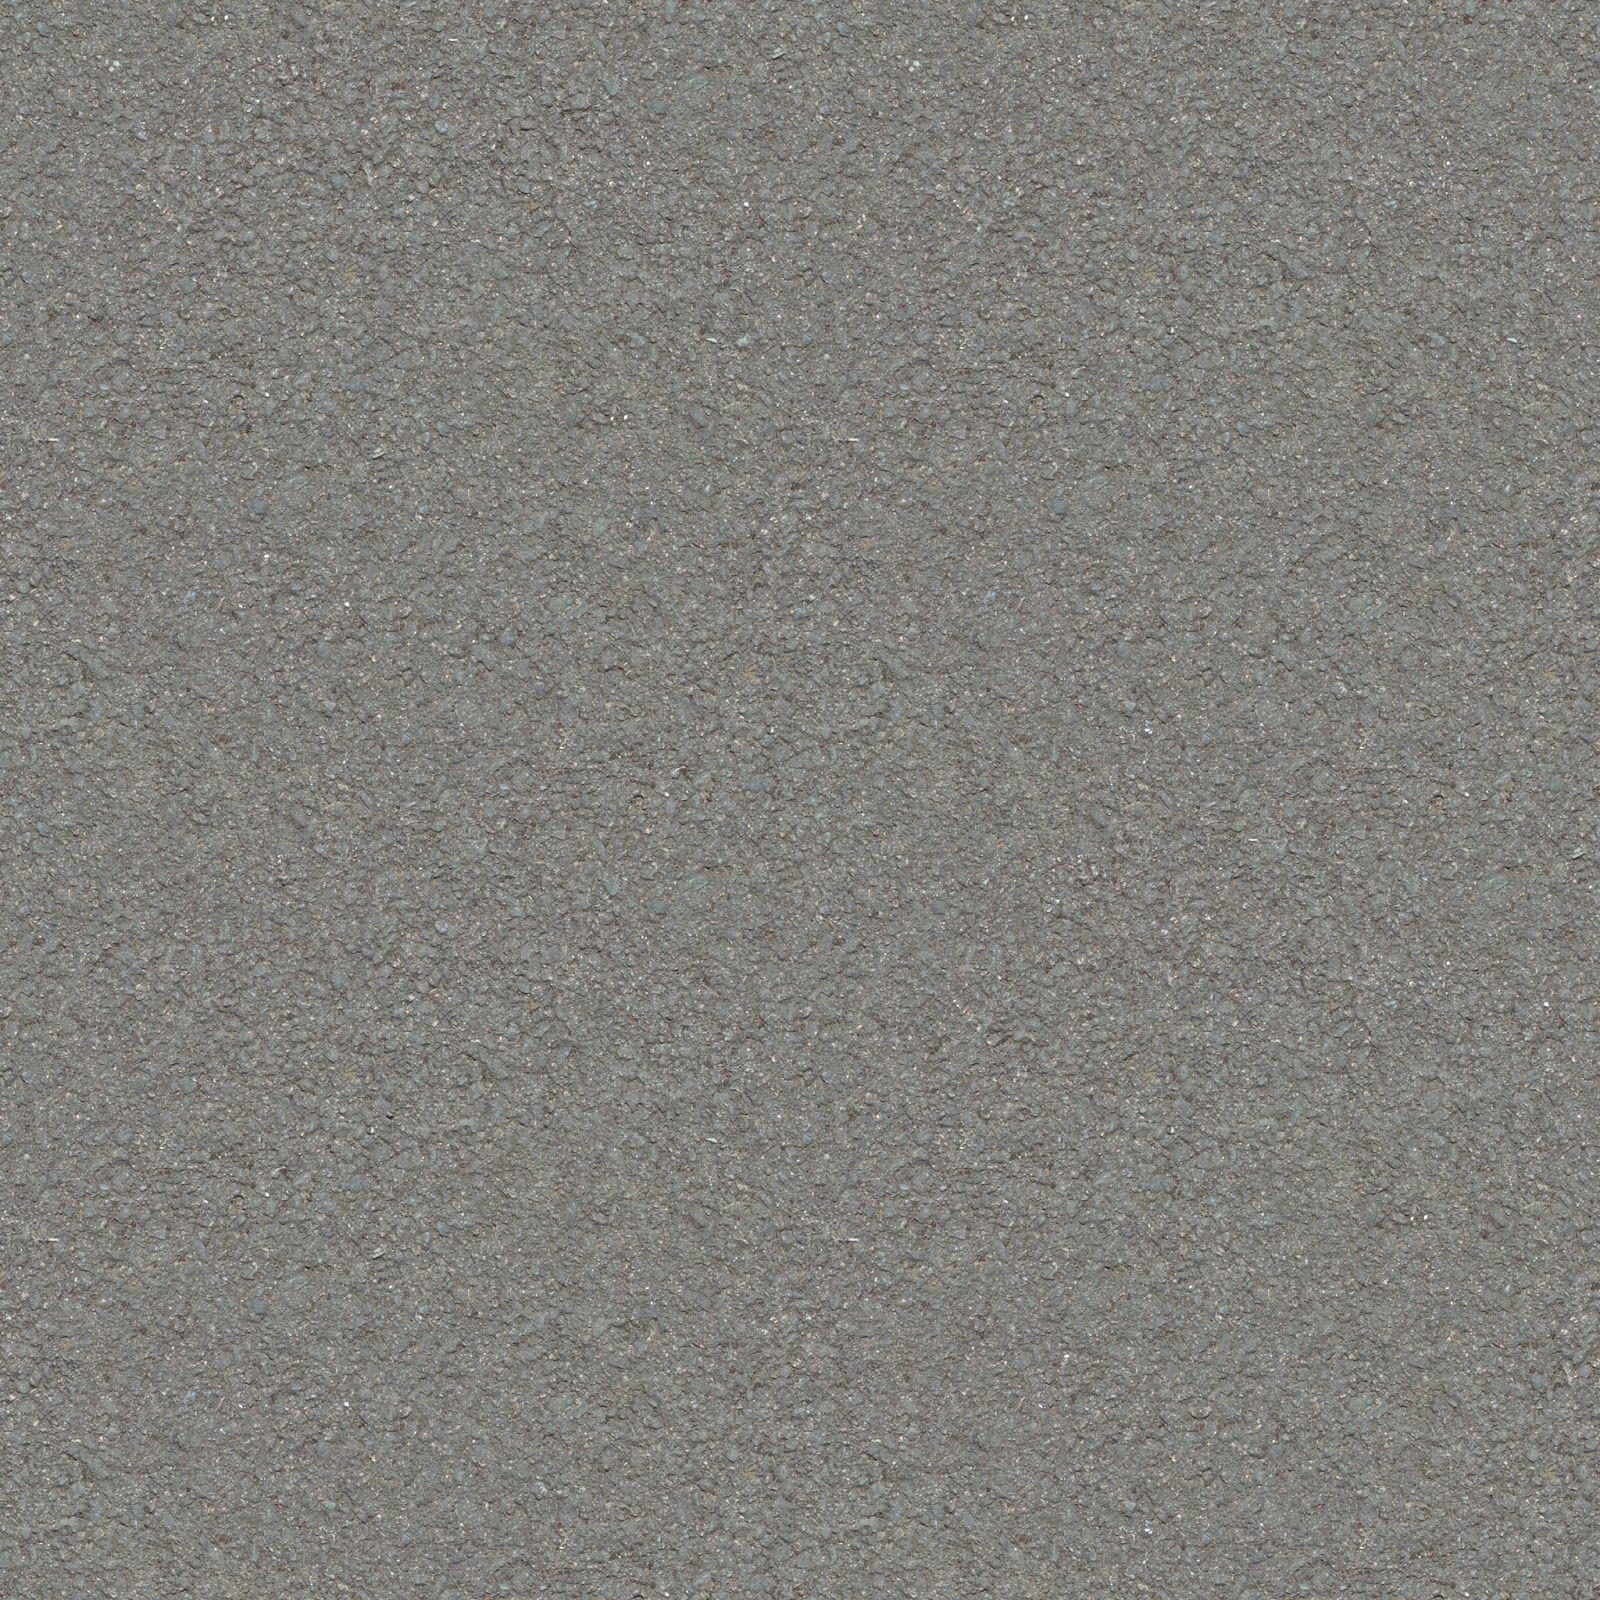 Bitumen Roof Texture